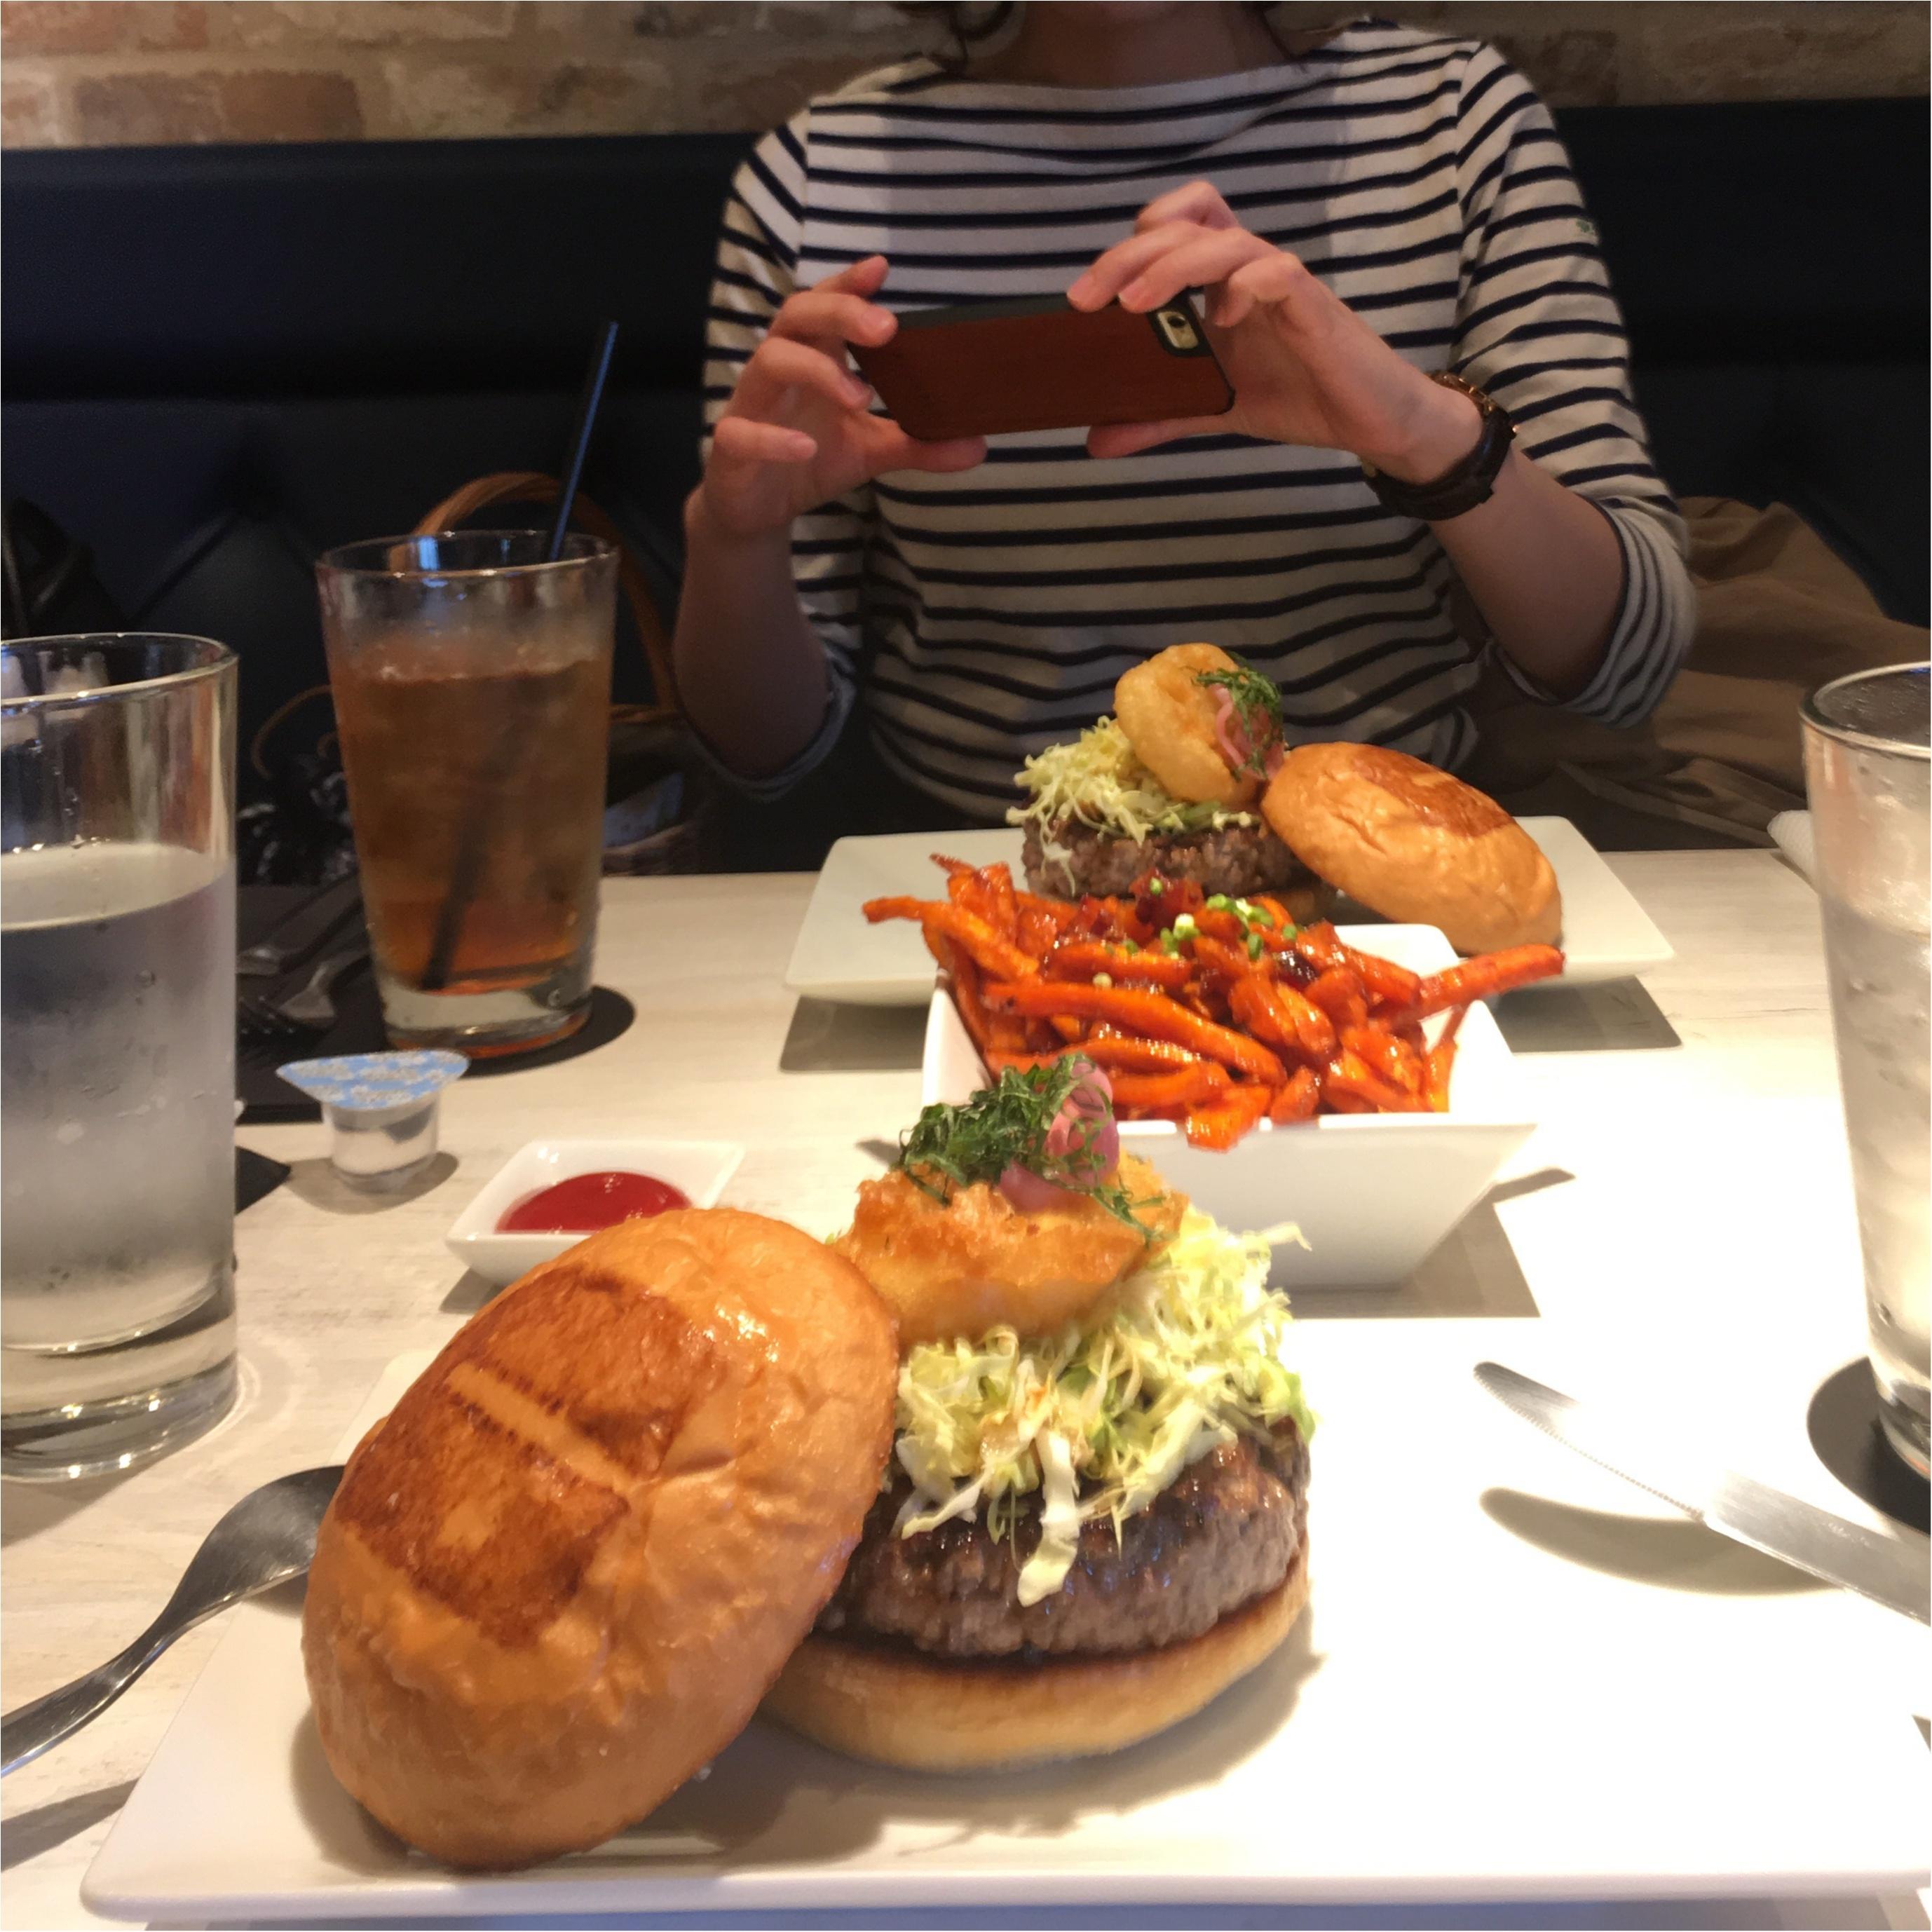 LA発の人気店「UMAMI BURGER」で日本限定の●●●●バーガー食べてきました!!混雑状況は?予約は?テイクアウトは?_3